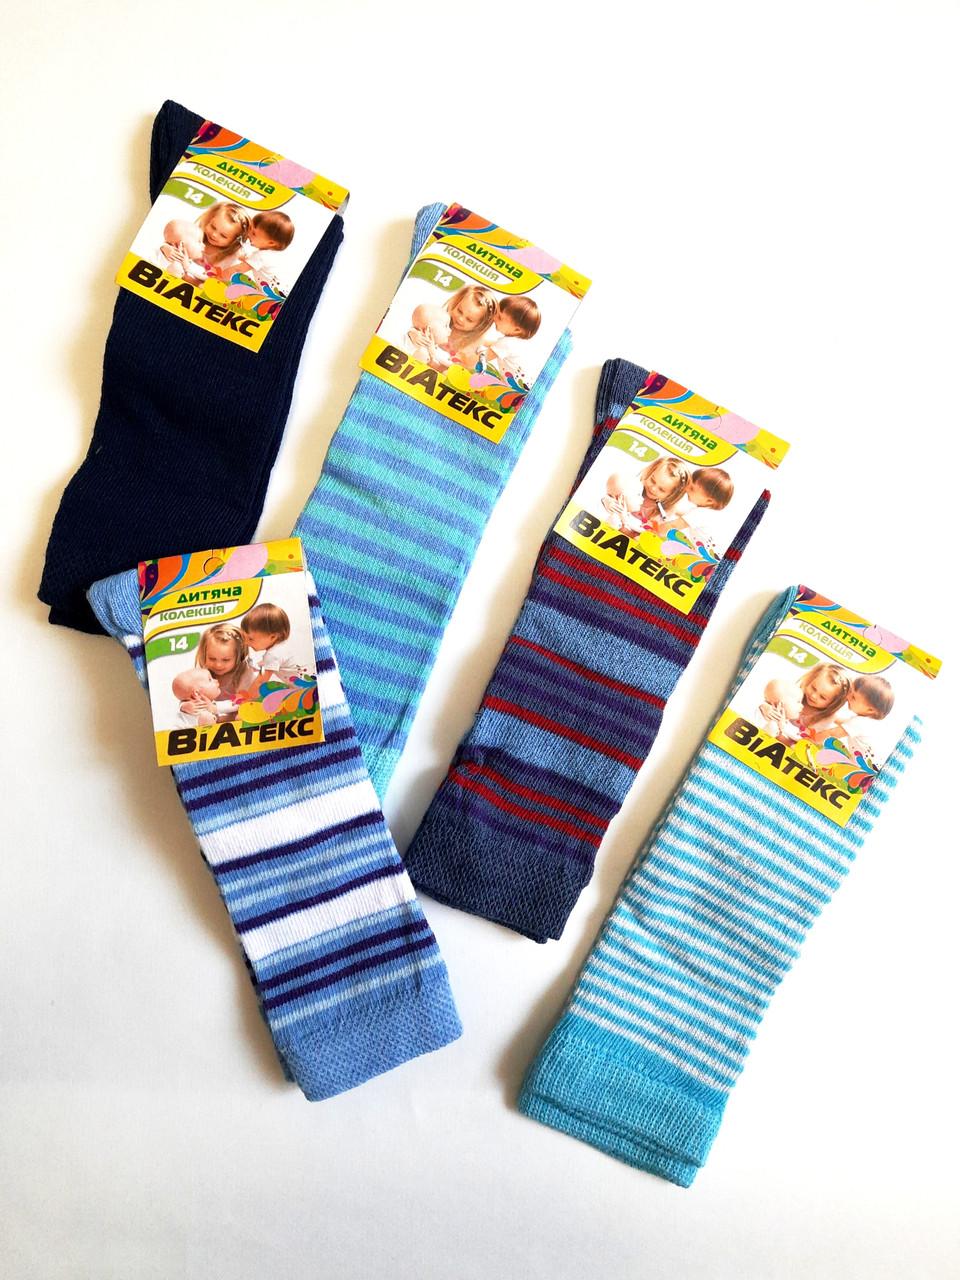 Носки гольфы детские на мальчиков хлопок стрейч Украина размер 14. От 12 пар по 4грн.